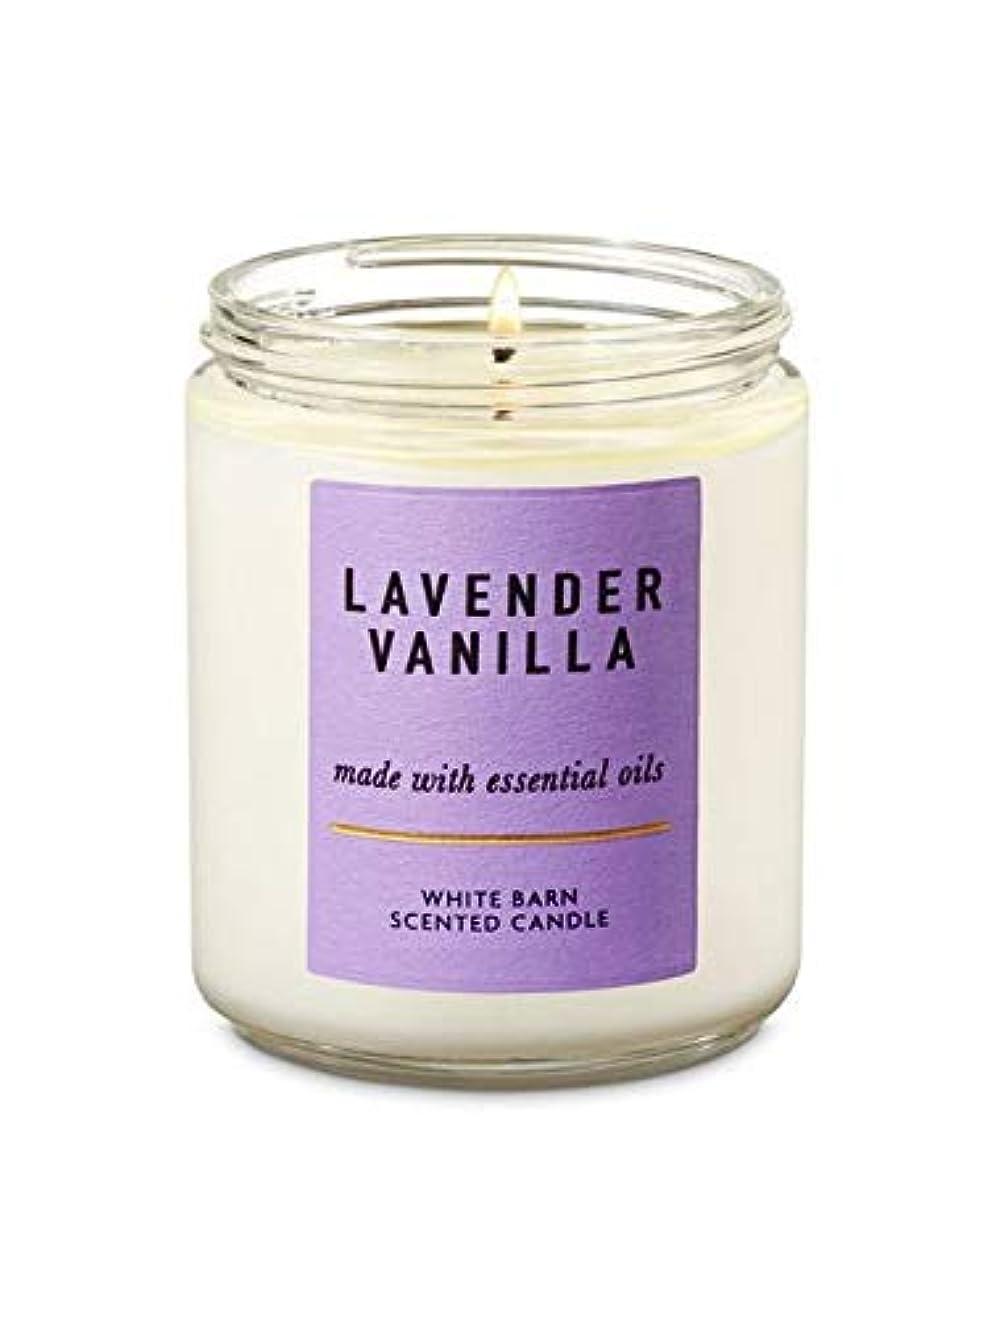 合併症意図絶えず【Bath&Body Works/バス&ボディワークス】 アロマキャンドル ラベンダーバニラ 1-Wick Scented Candle Lavender Vanilla 7oz/198g [並行輸入品]